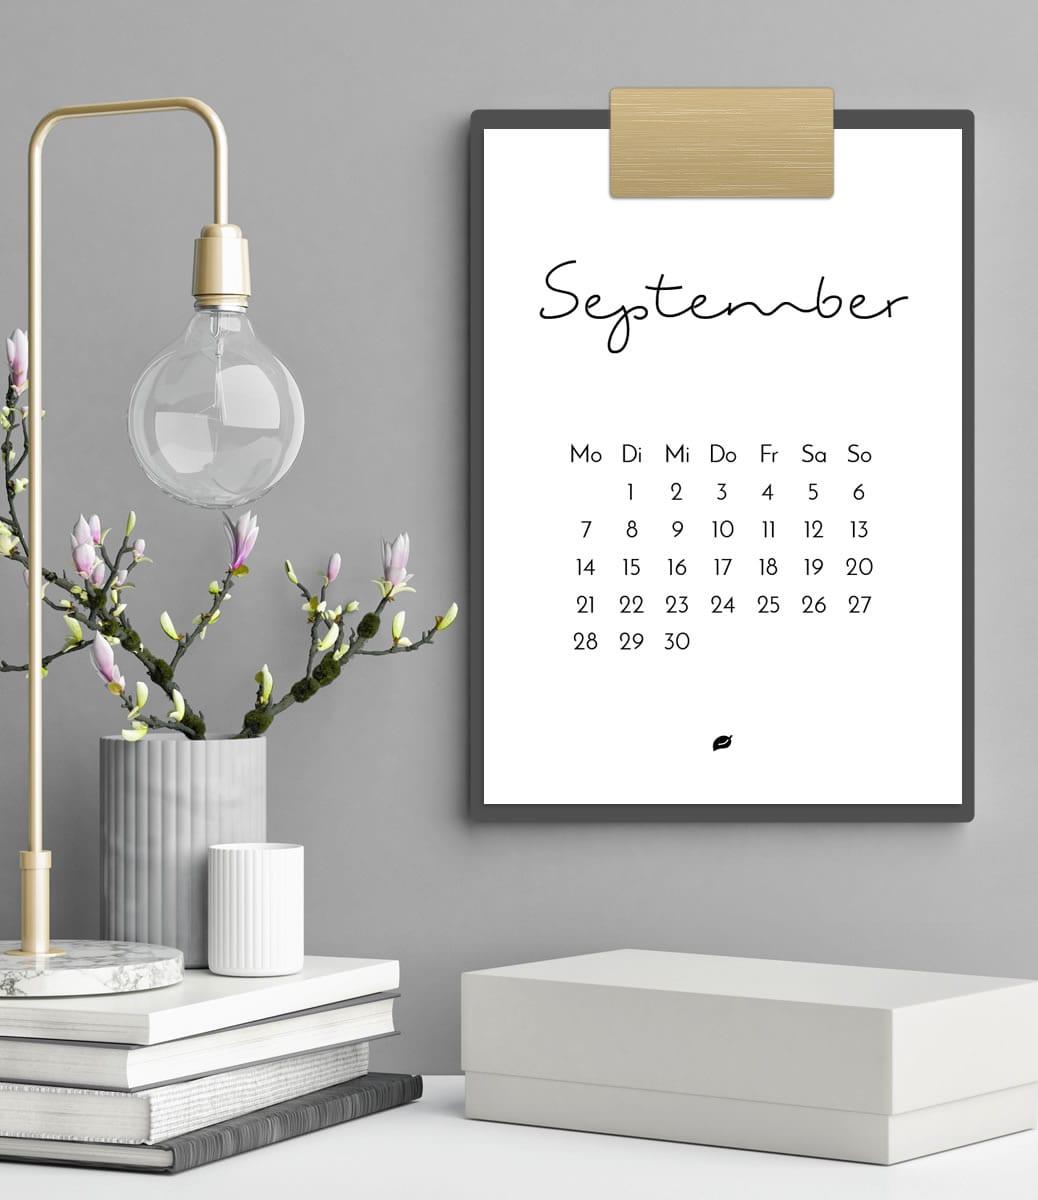 Druckvorlage für den minimalistischen Kalender 2020 - dein stylisches Wohnaccessoire   Filizity.com   Interior- & DIY-Blog und Shop #kalender #calendar #2020 #printable